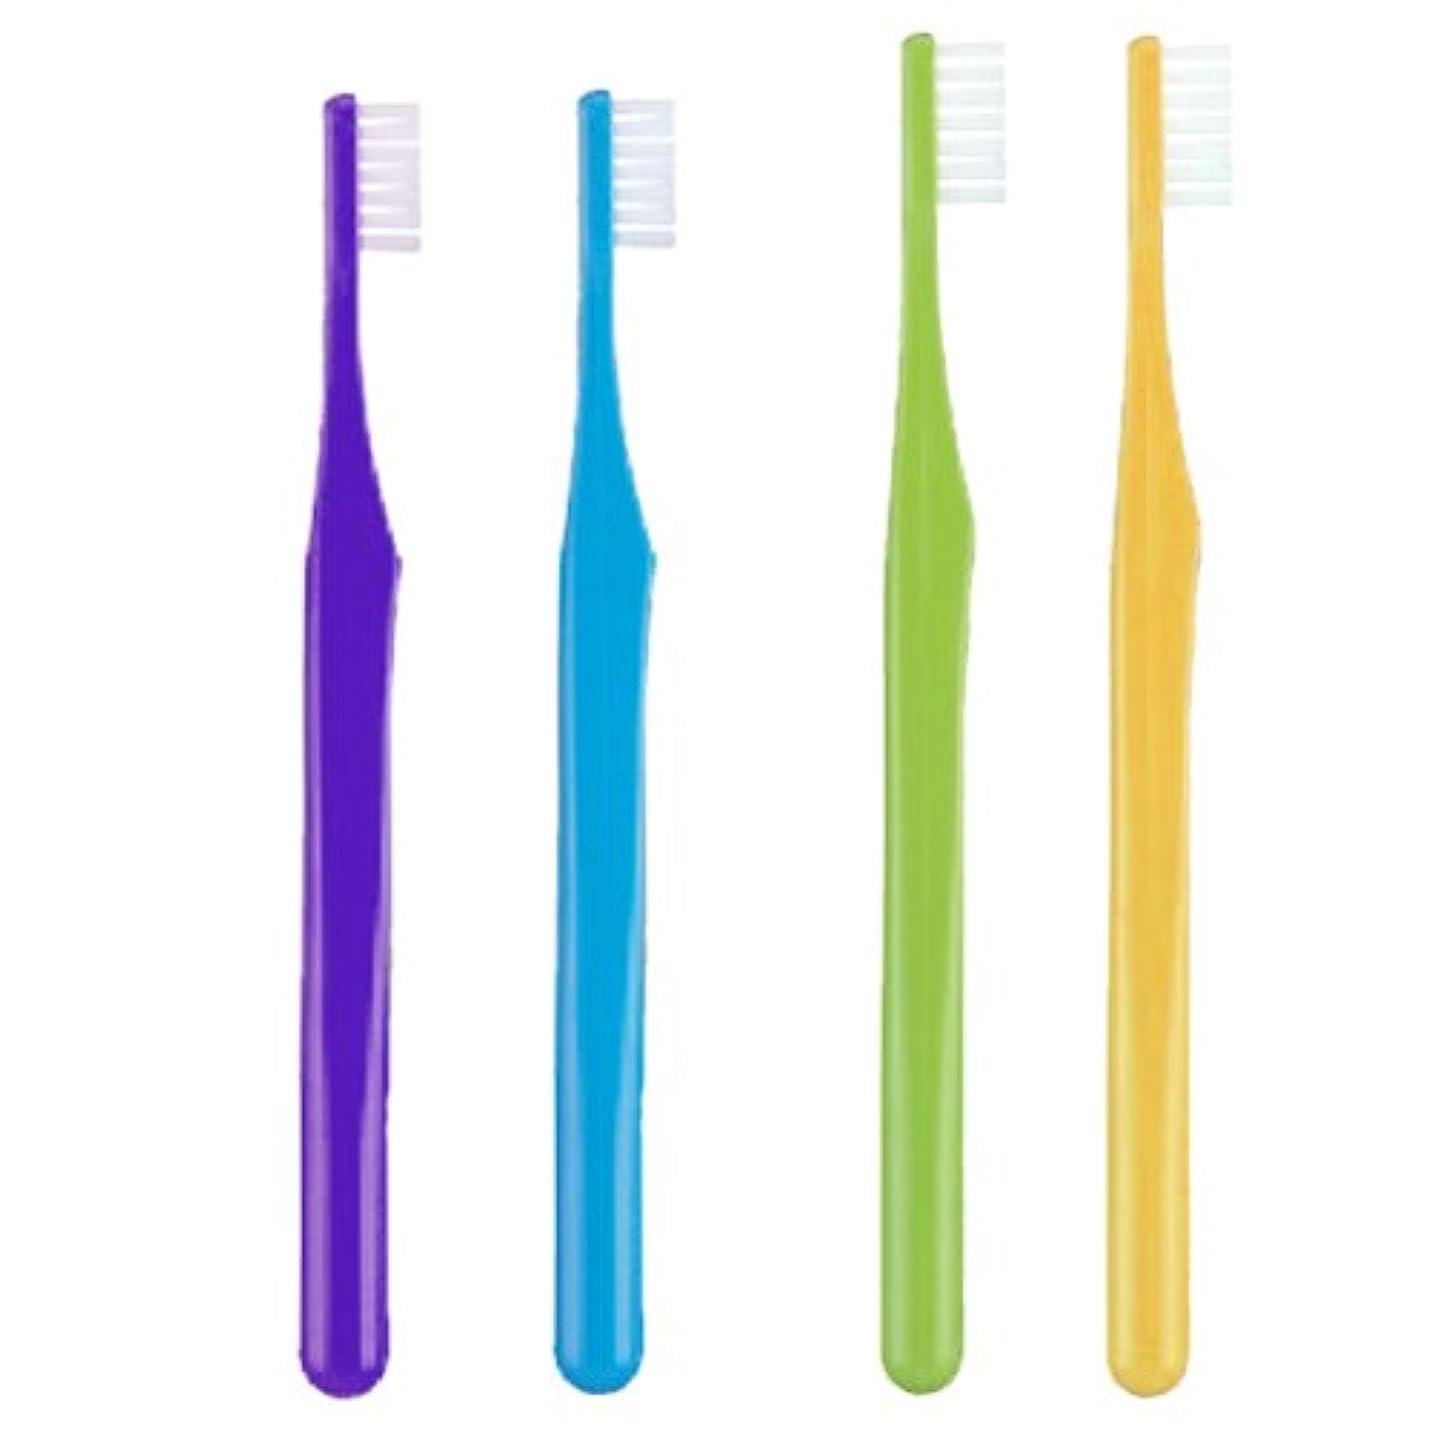 グリップ十分にナイトスポットプロスペックプラス歯ブラシ1本タイニー/スモール (スモール)